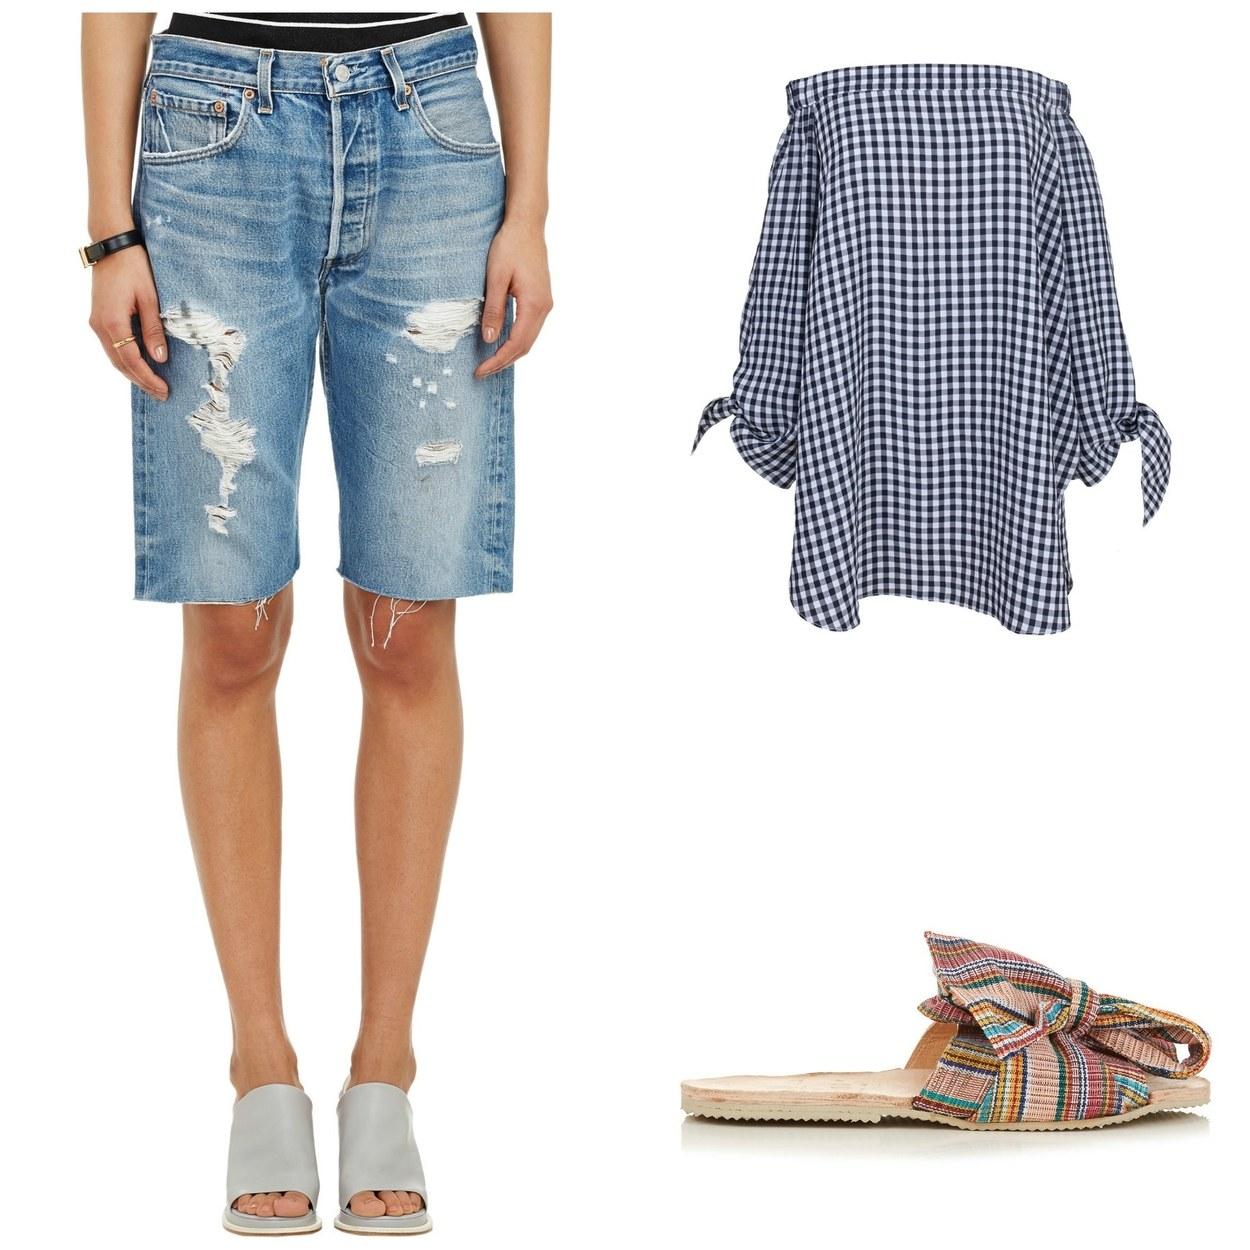 5 maneiras novas de usar shorts jeans 02